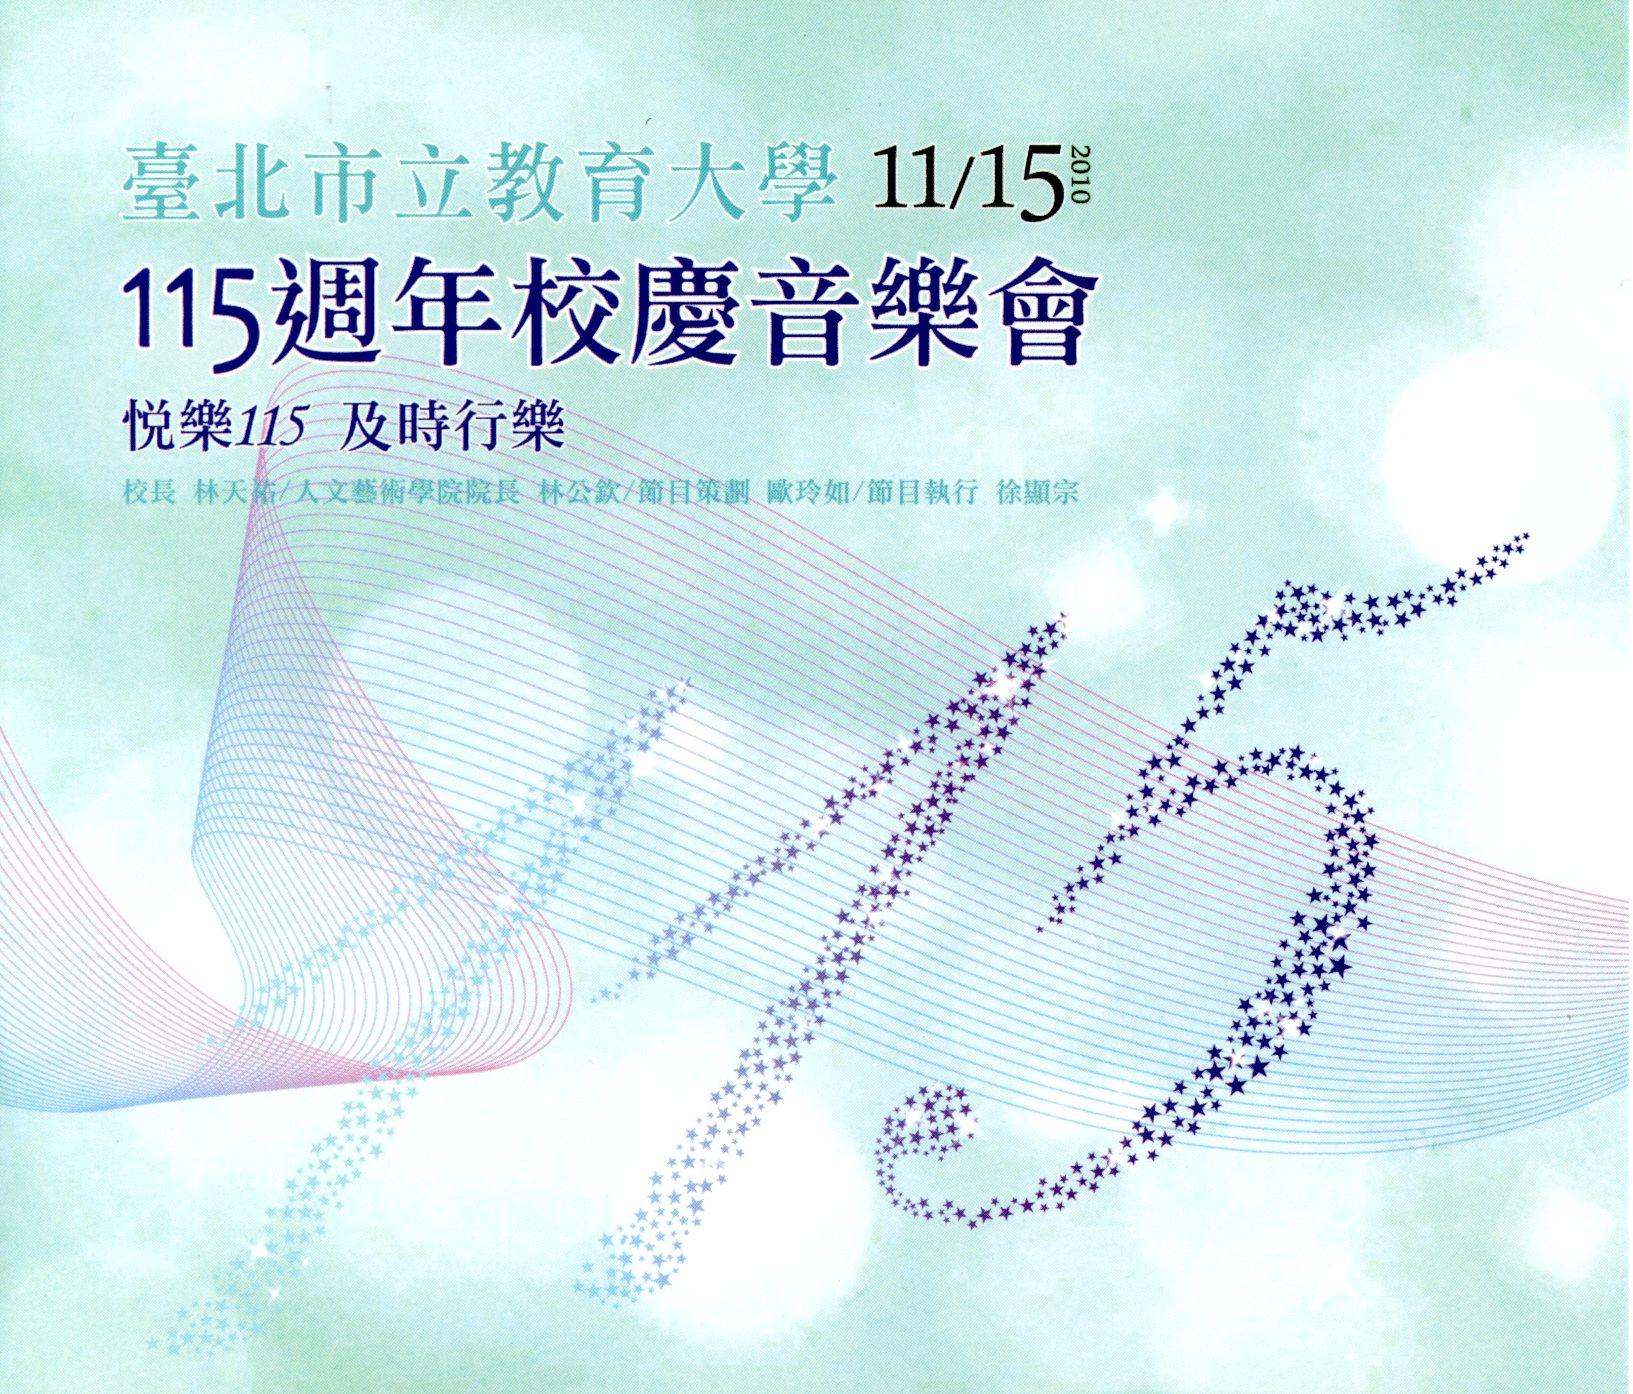 臺北市立教育大學115週年校慶音樂會 悅樂115 及時行樂 /